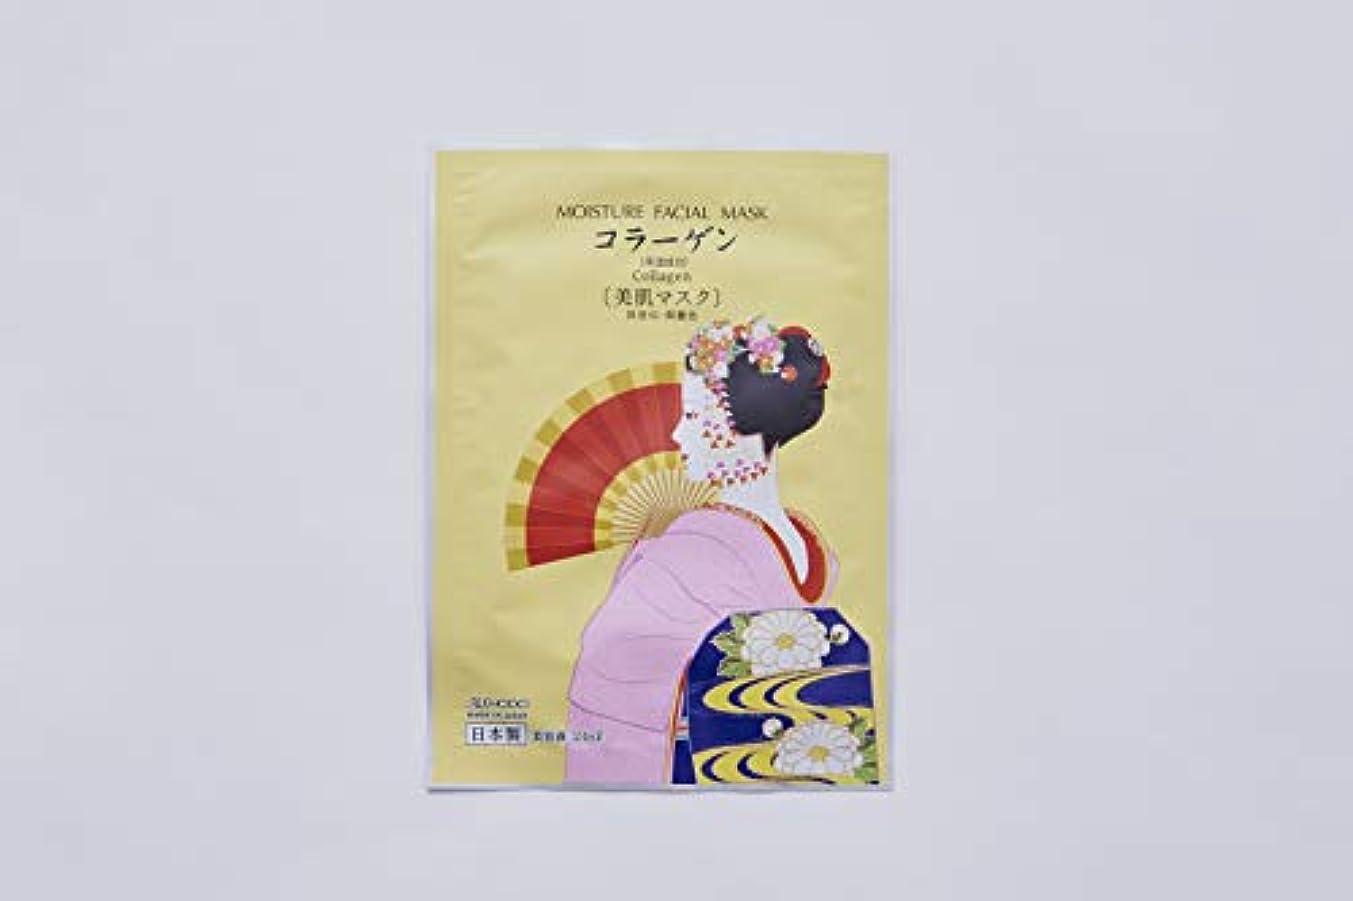 がっかりしたスーパー賭け愛粧堂 舞妓マスク コラーゲン 10枚セット